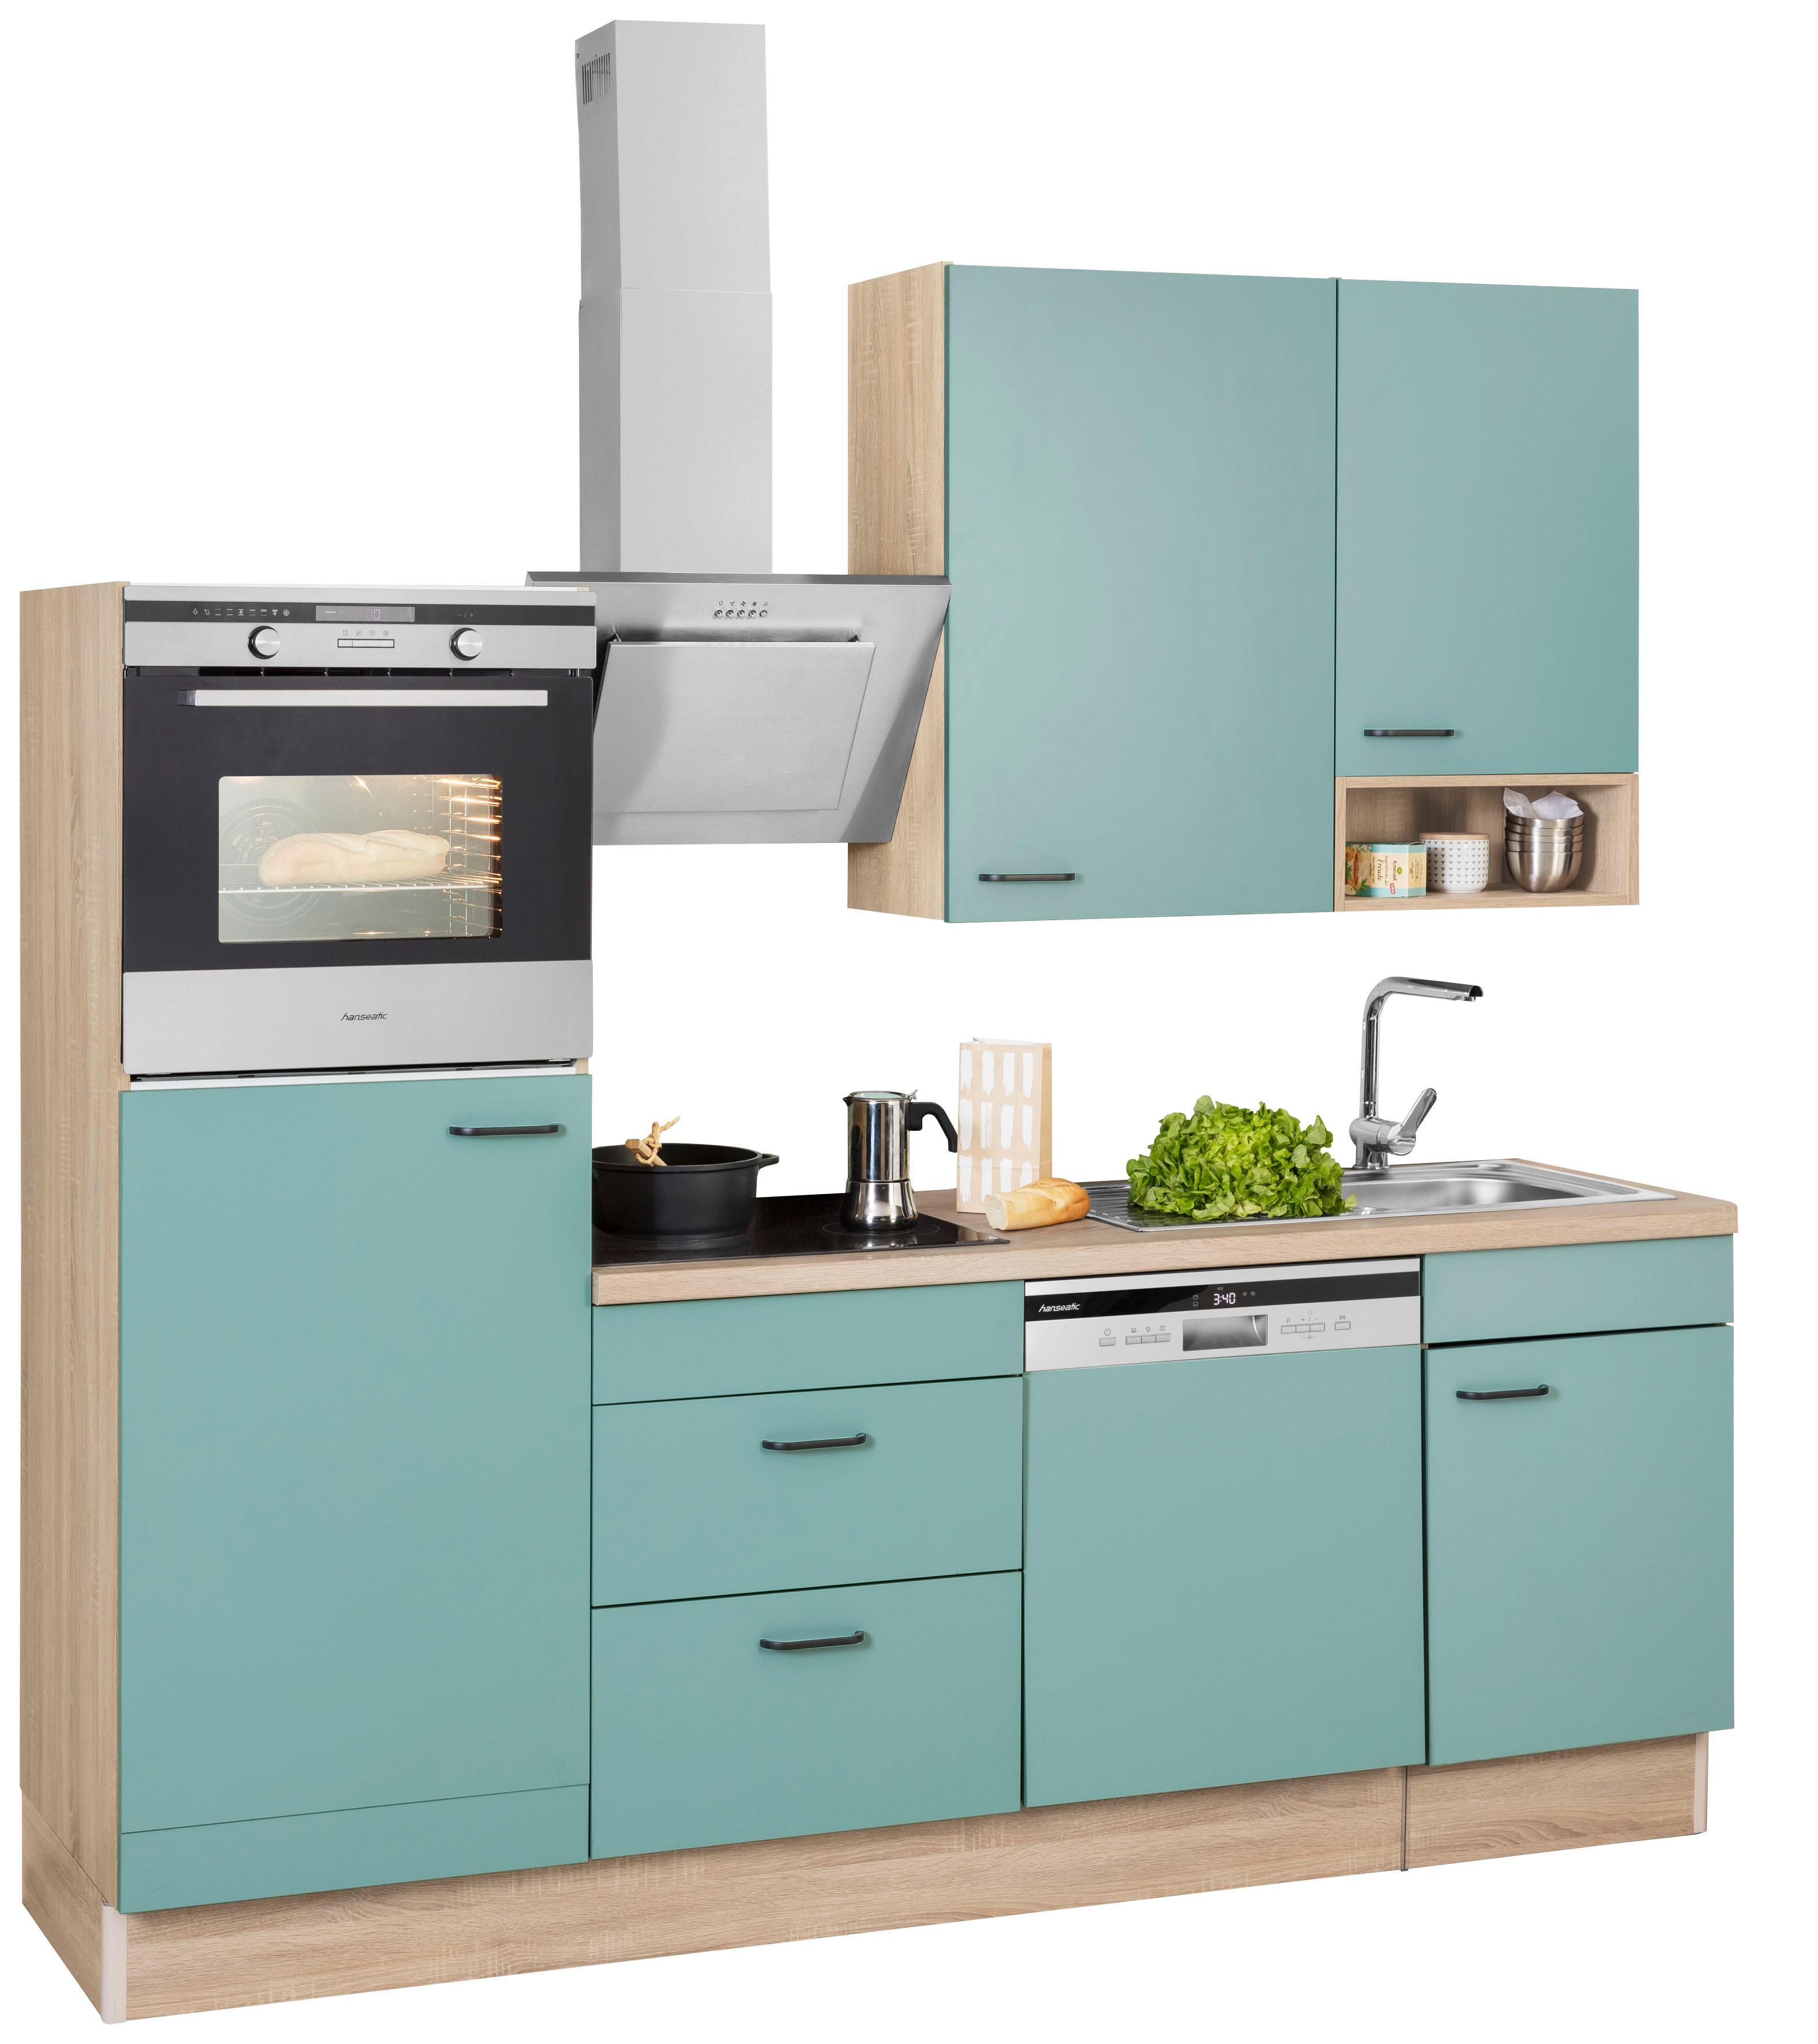 Optifit Küchenzeile Ohne E Geräte Elga Breite 230 Cm Bestellen Baur